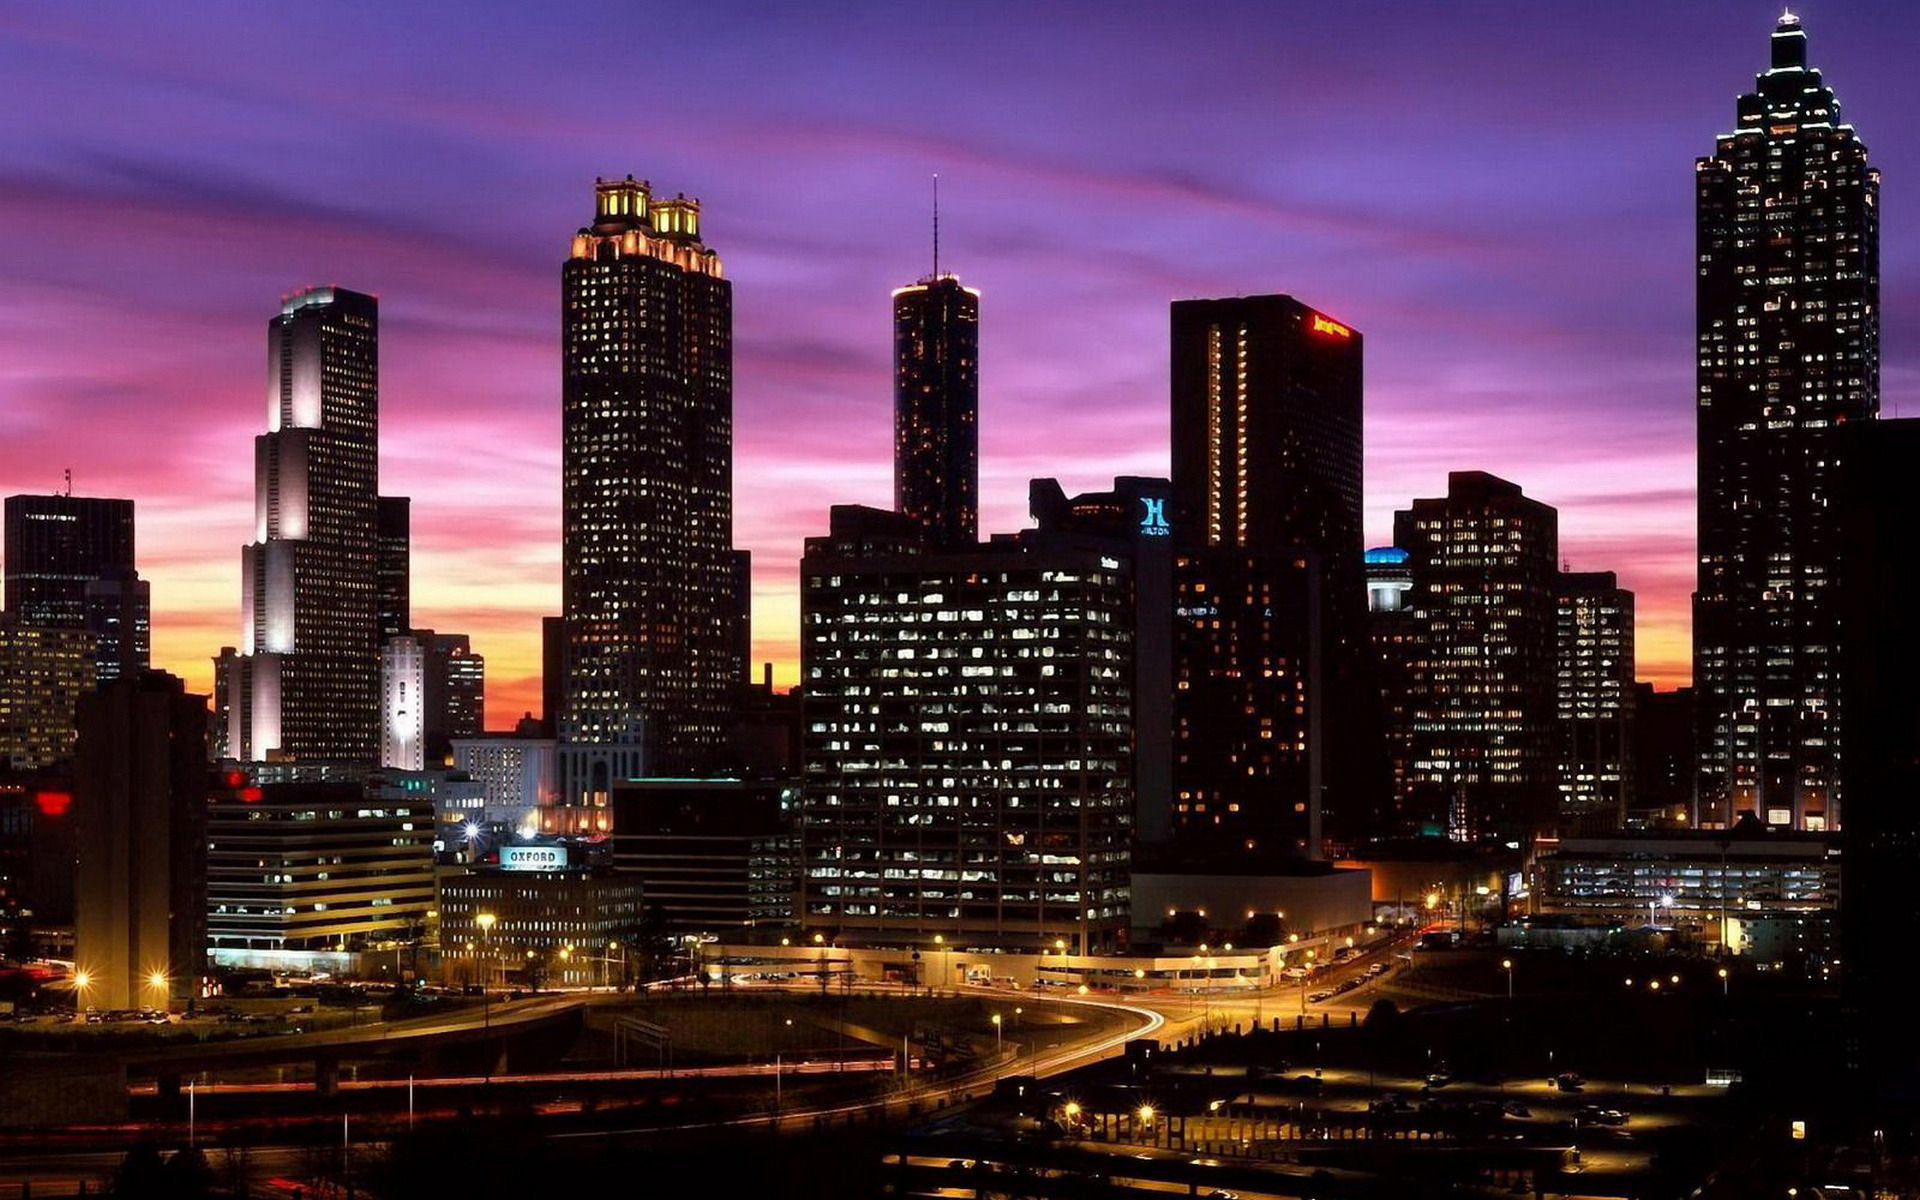 небоскребы ночь город  № 3358900 загрузить